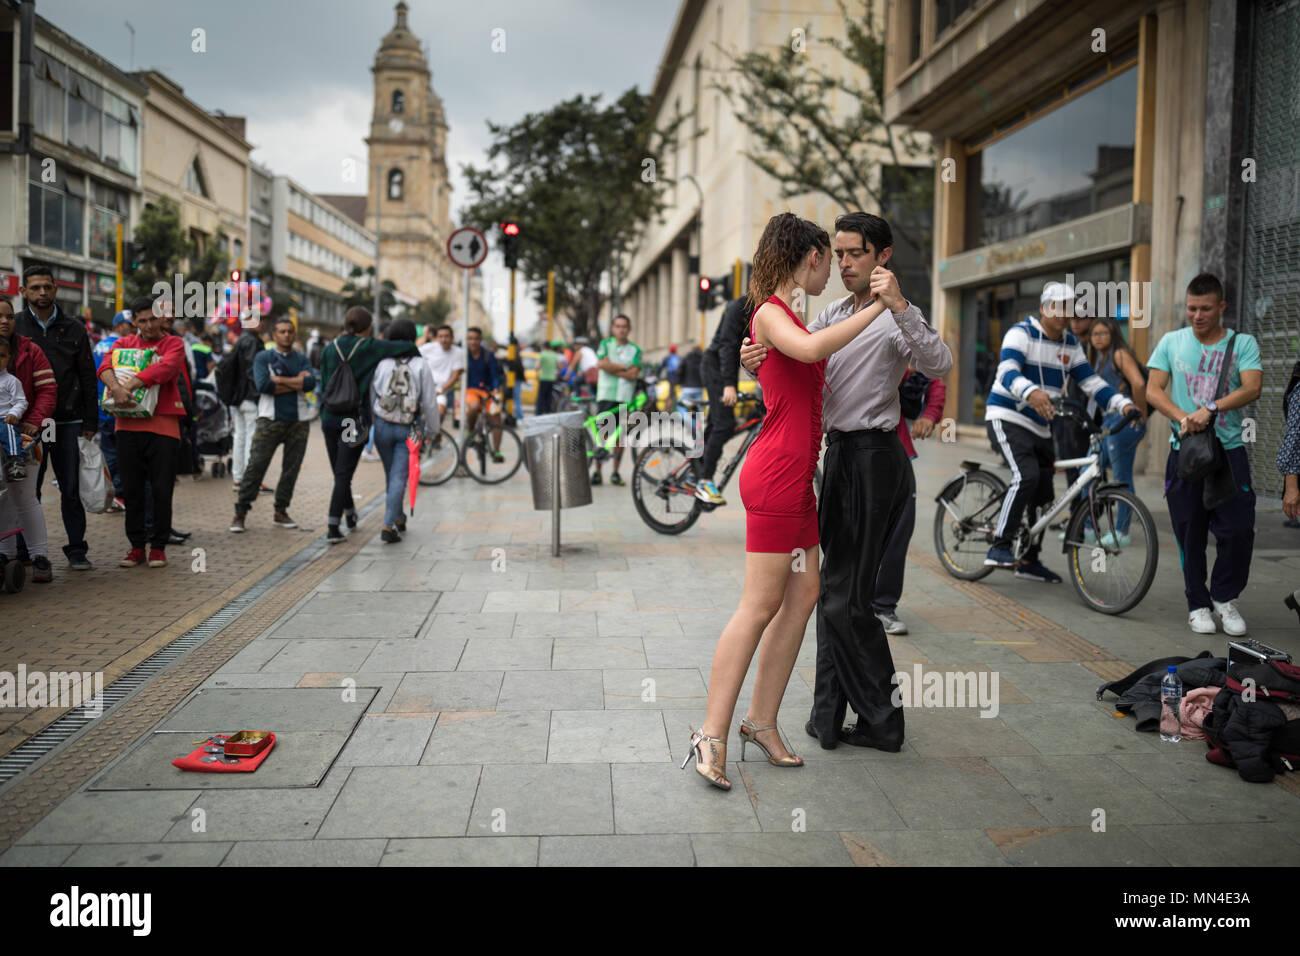 Danse Tango, Carrera 7, Bogota, Colombie, Amérique du Sud Photo Stock